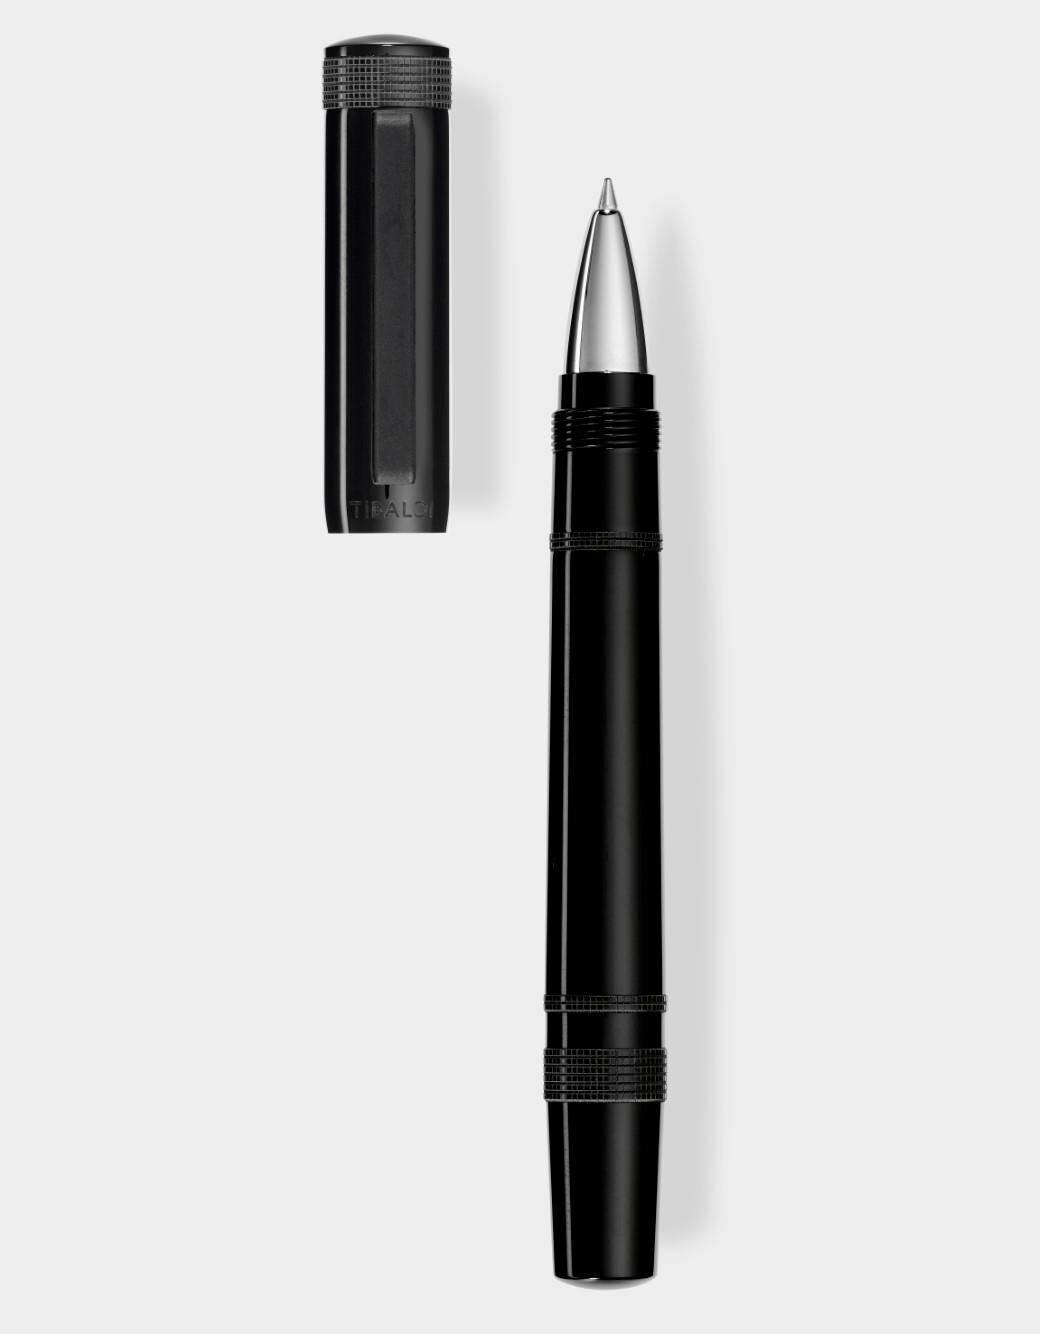 Perfecta black resin RB 01